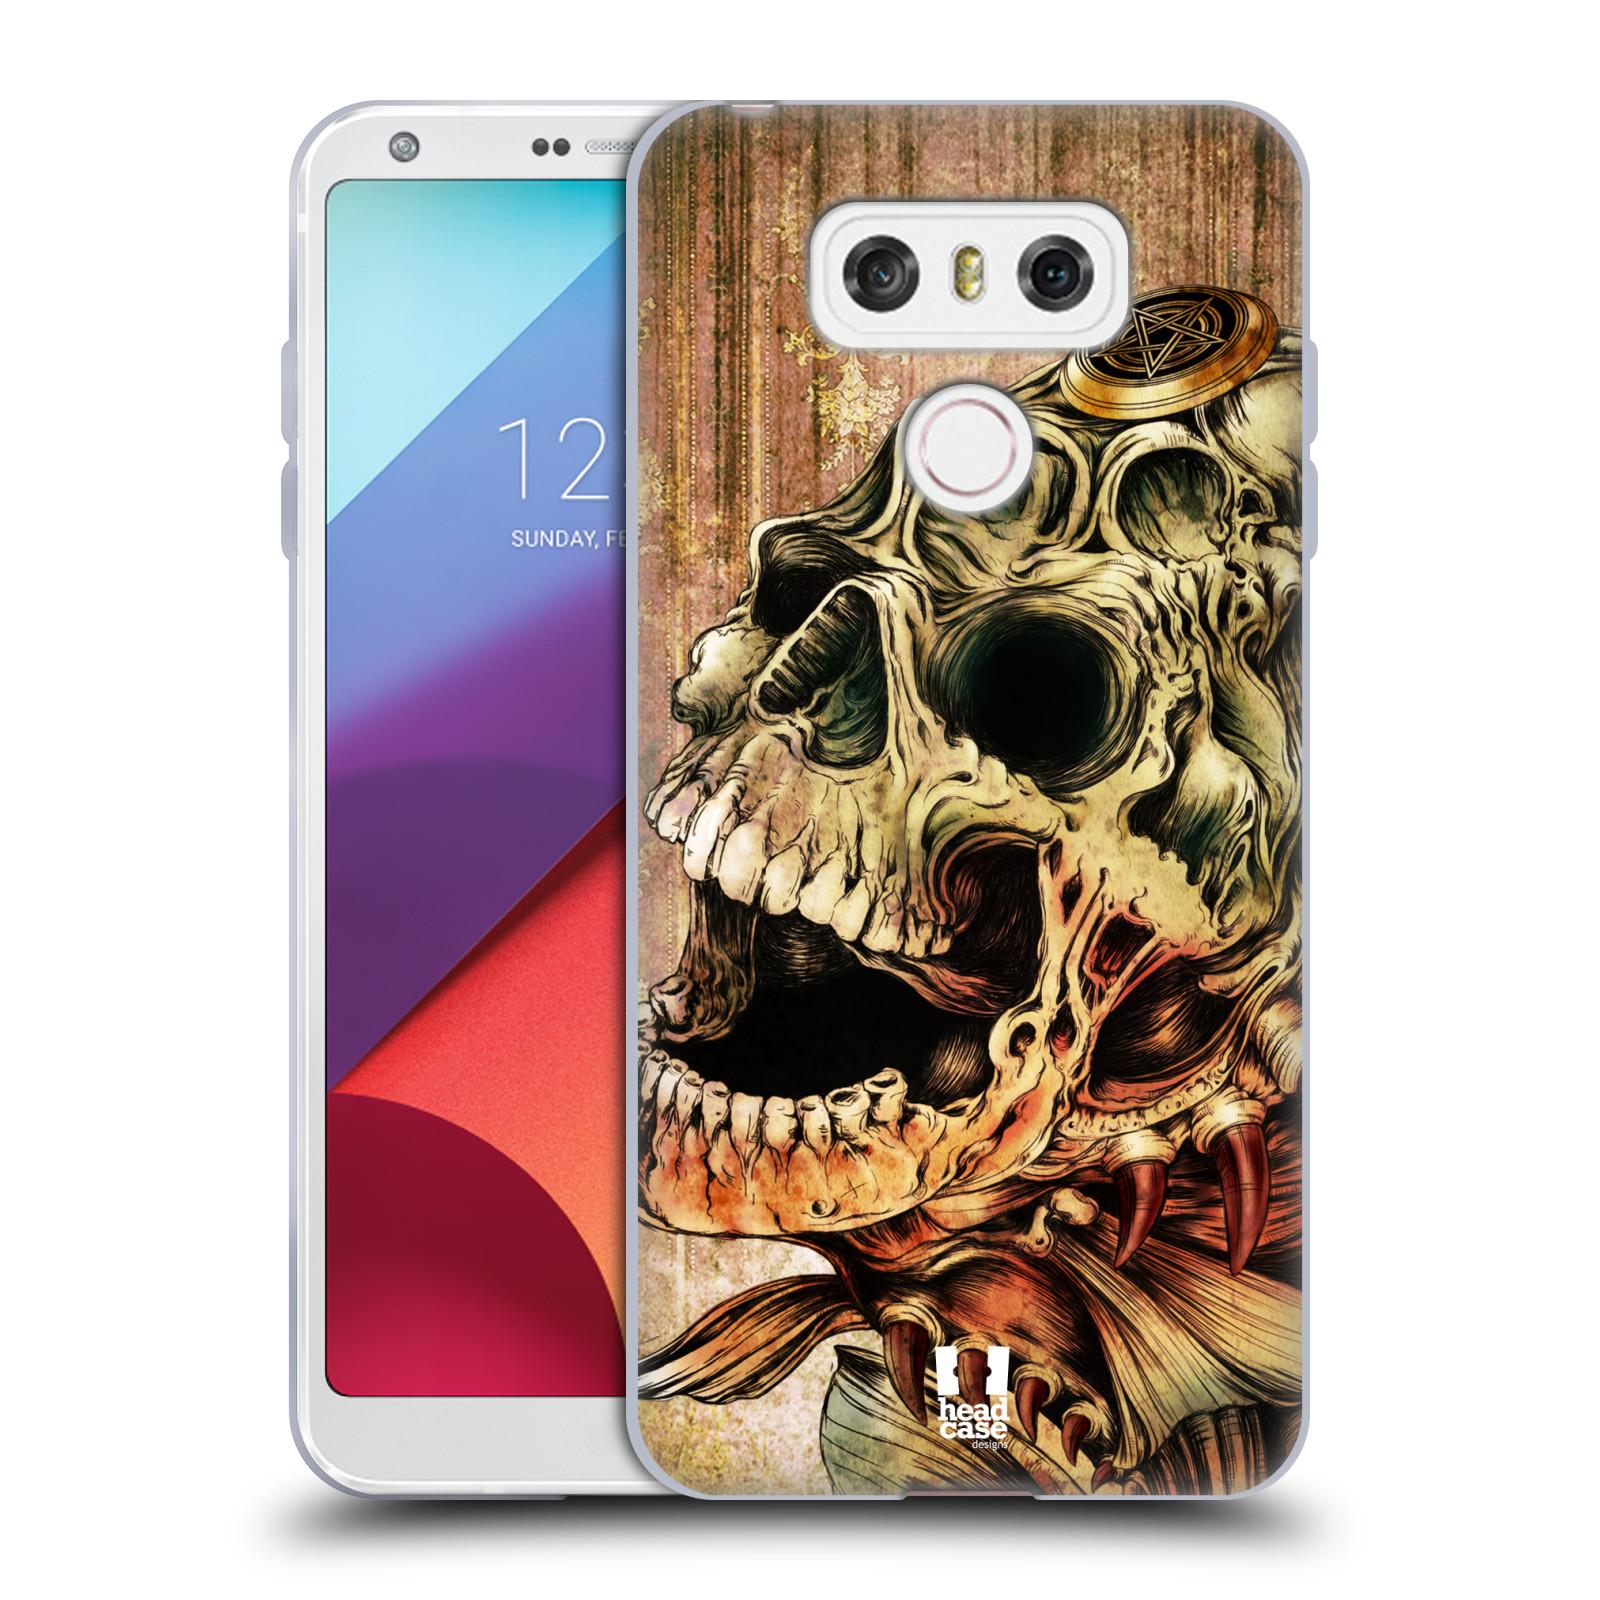 Silikonové pouzdro na mobil LG G6 - Head Case PIRANHA (Silikonový kryt či obal na mobilní telefon LG G6 H870 / LG G6 Dual SIM H870DS)